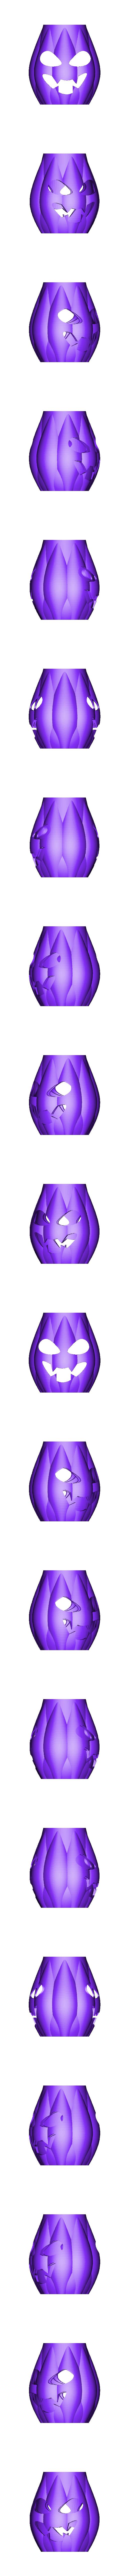 Lamp_v1_clear.stl Télécharger fichier STL gratuit Lampe au kérosène version Halloween • Modèle à imprimer en 3D, poblocki1982